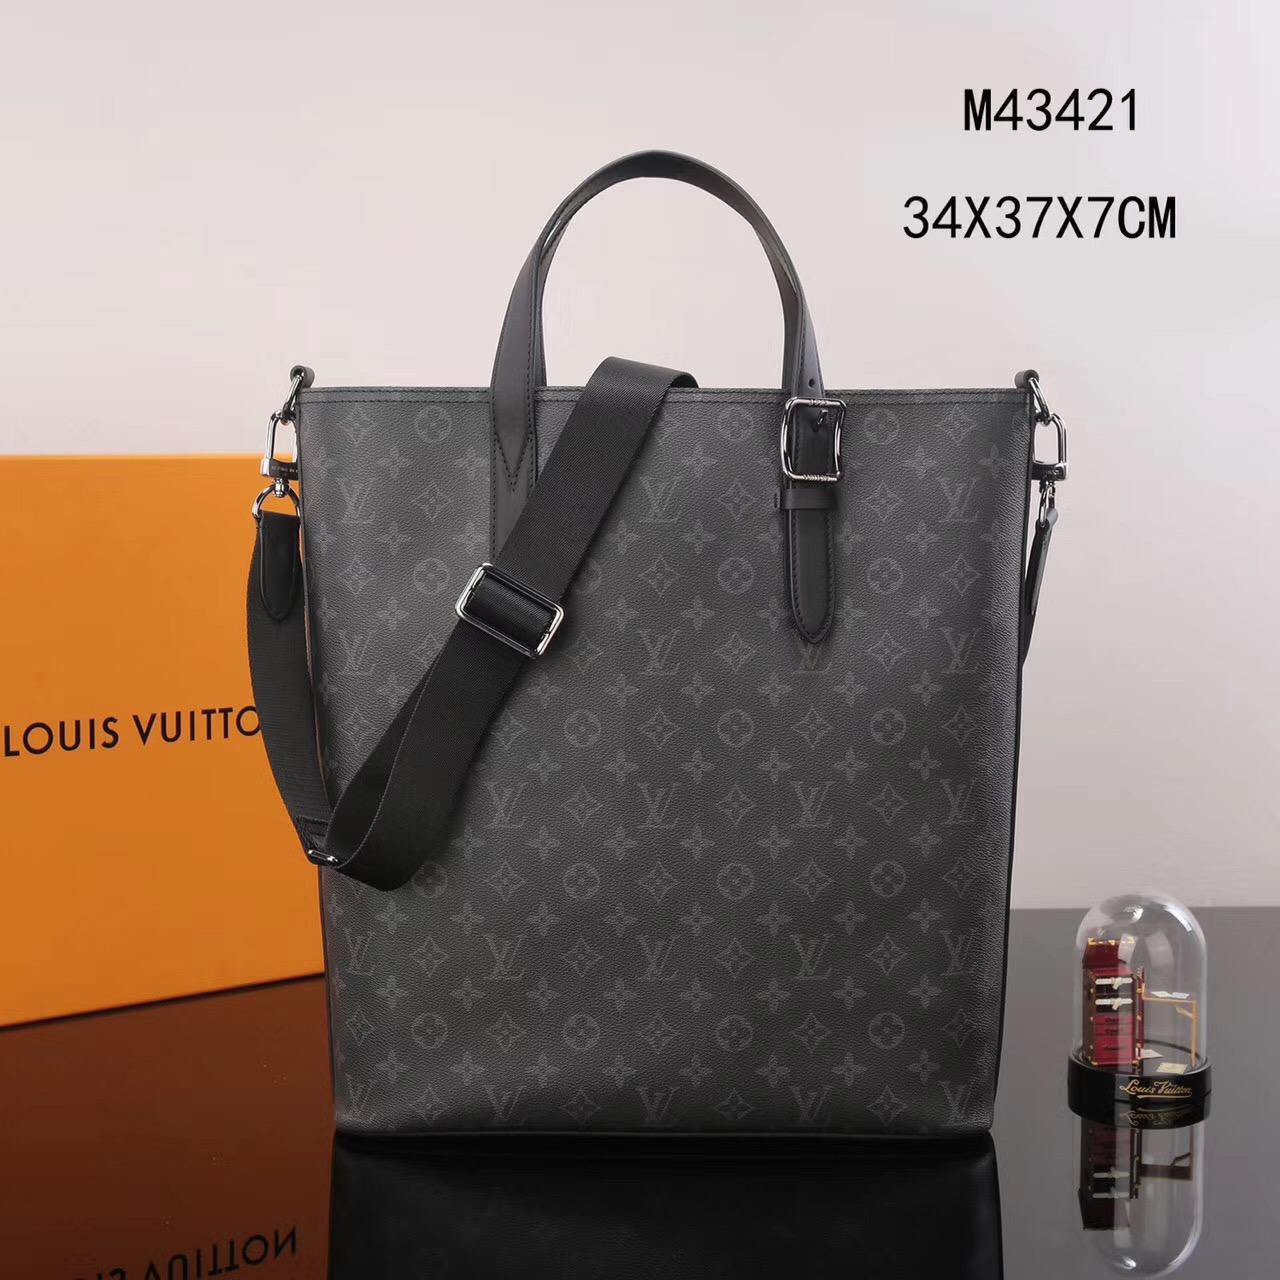 de0928021a12 Men LV Louis Vuitton M43421 Apollo Damier Tote Handbags bags Gray ...